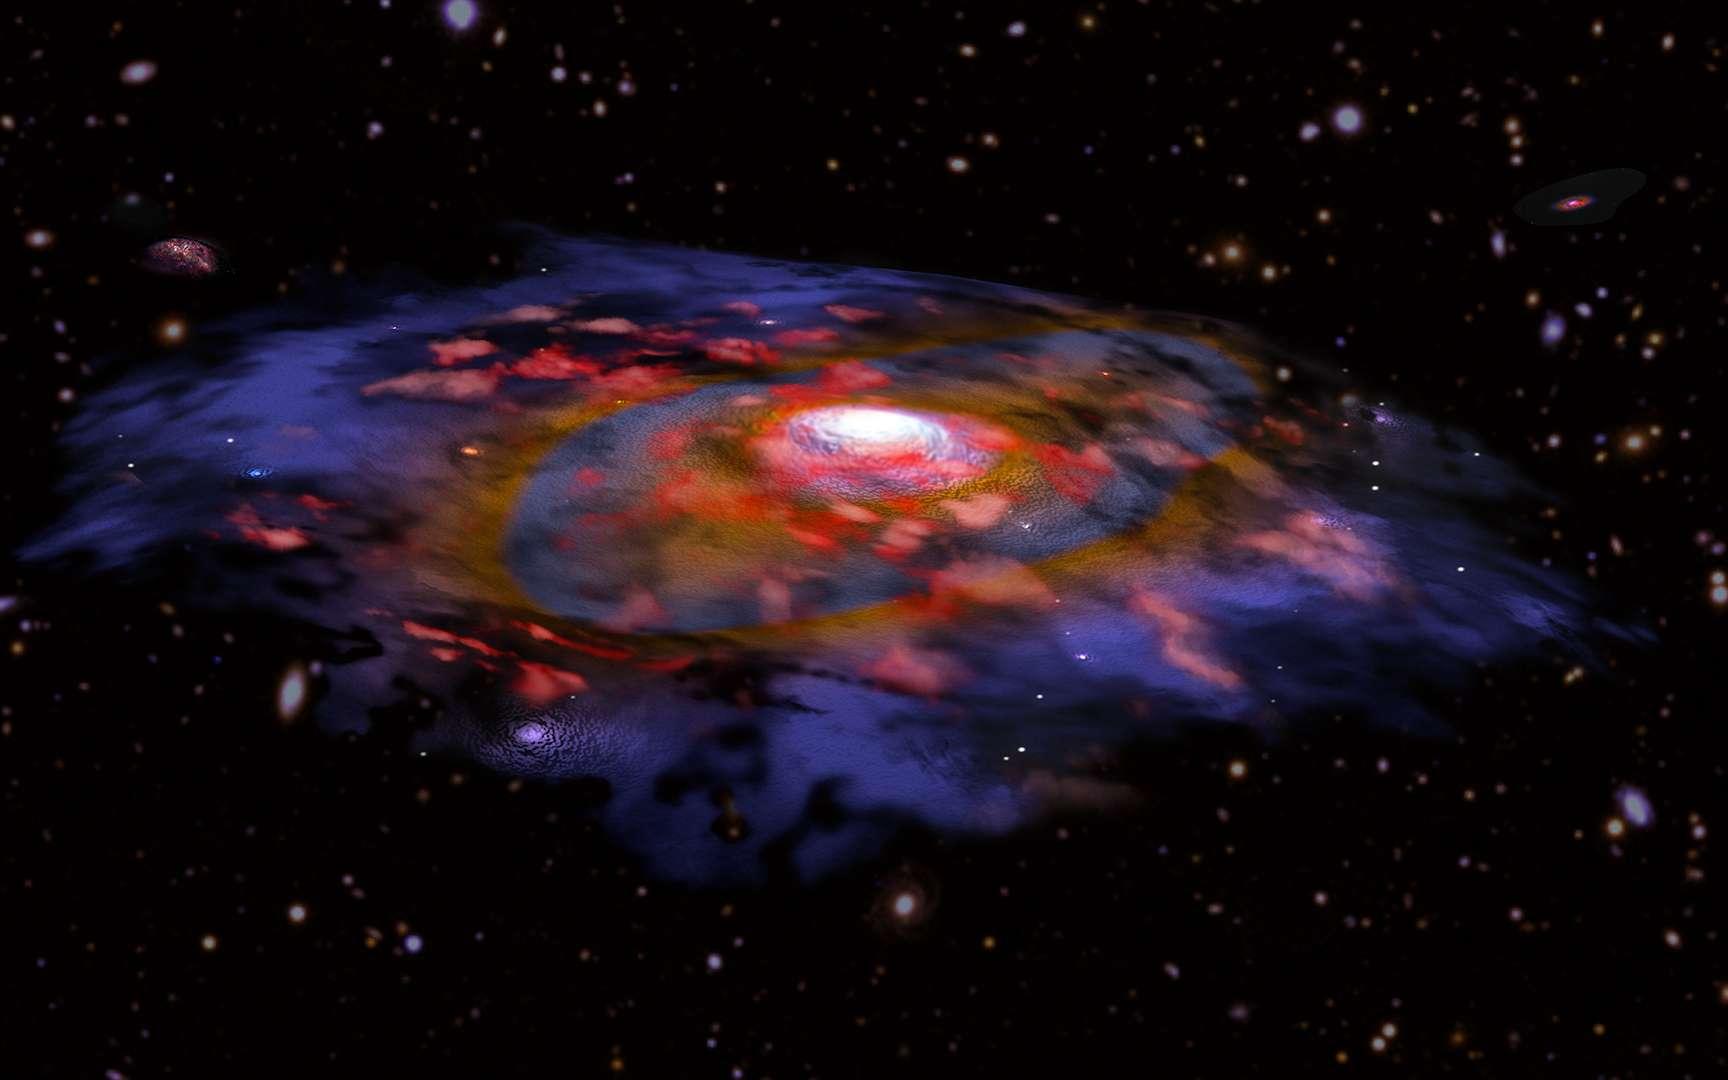 Vue d'artiste d'une galaxie distante, riche en poussières et en rotation. La couleur rouge représente le gaz, le bleu et le brun la poussière telle qu'observée en ondes radio avec Alma. De nombreuses autres galaxies sont visibles en arrière-plan, d'après les données optiques du VLT et de Subaru. © CNRS, B. Saxton NRAO/AUI/NSF, ESO, NASA/STScI; NAOJ/Subaru